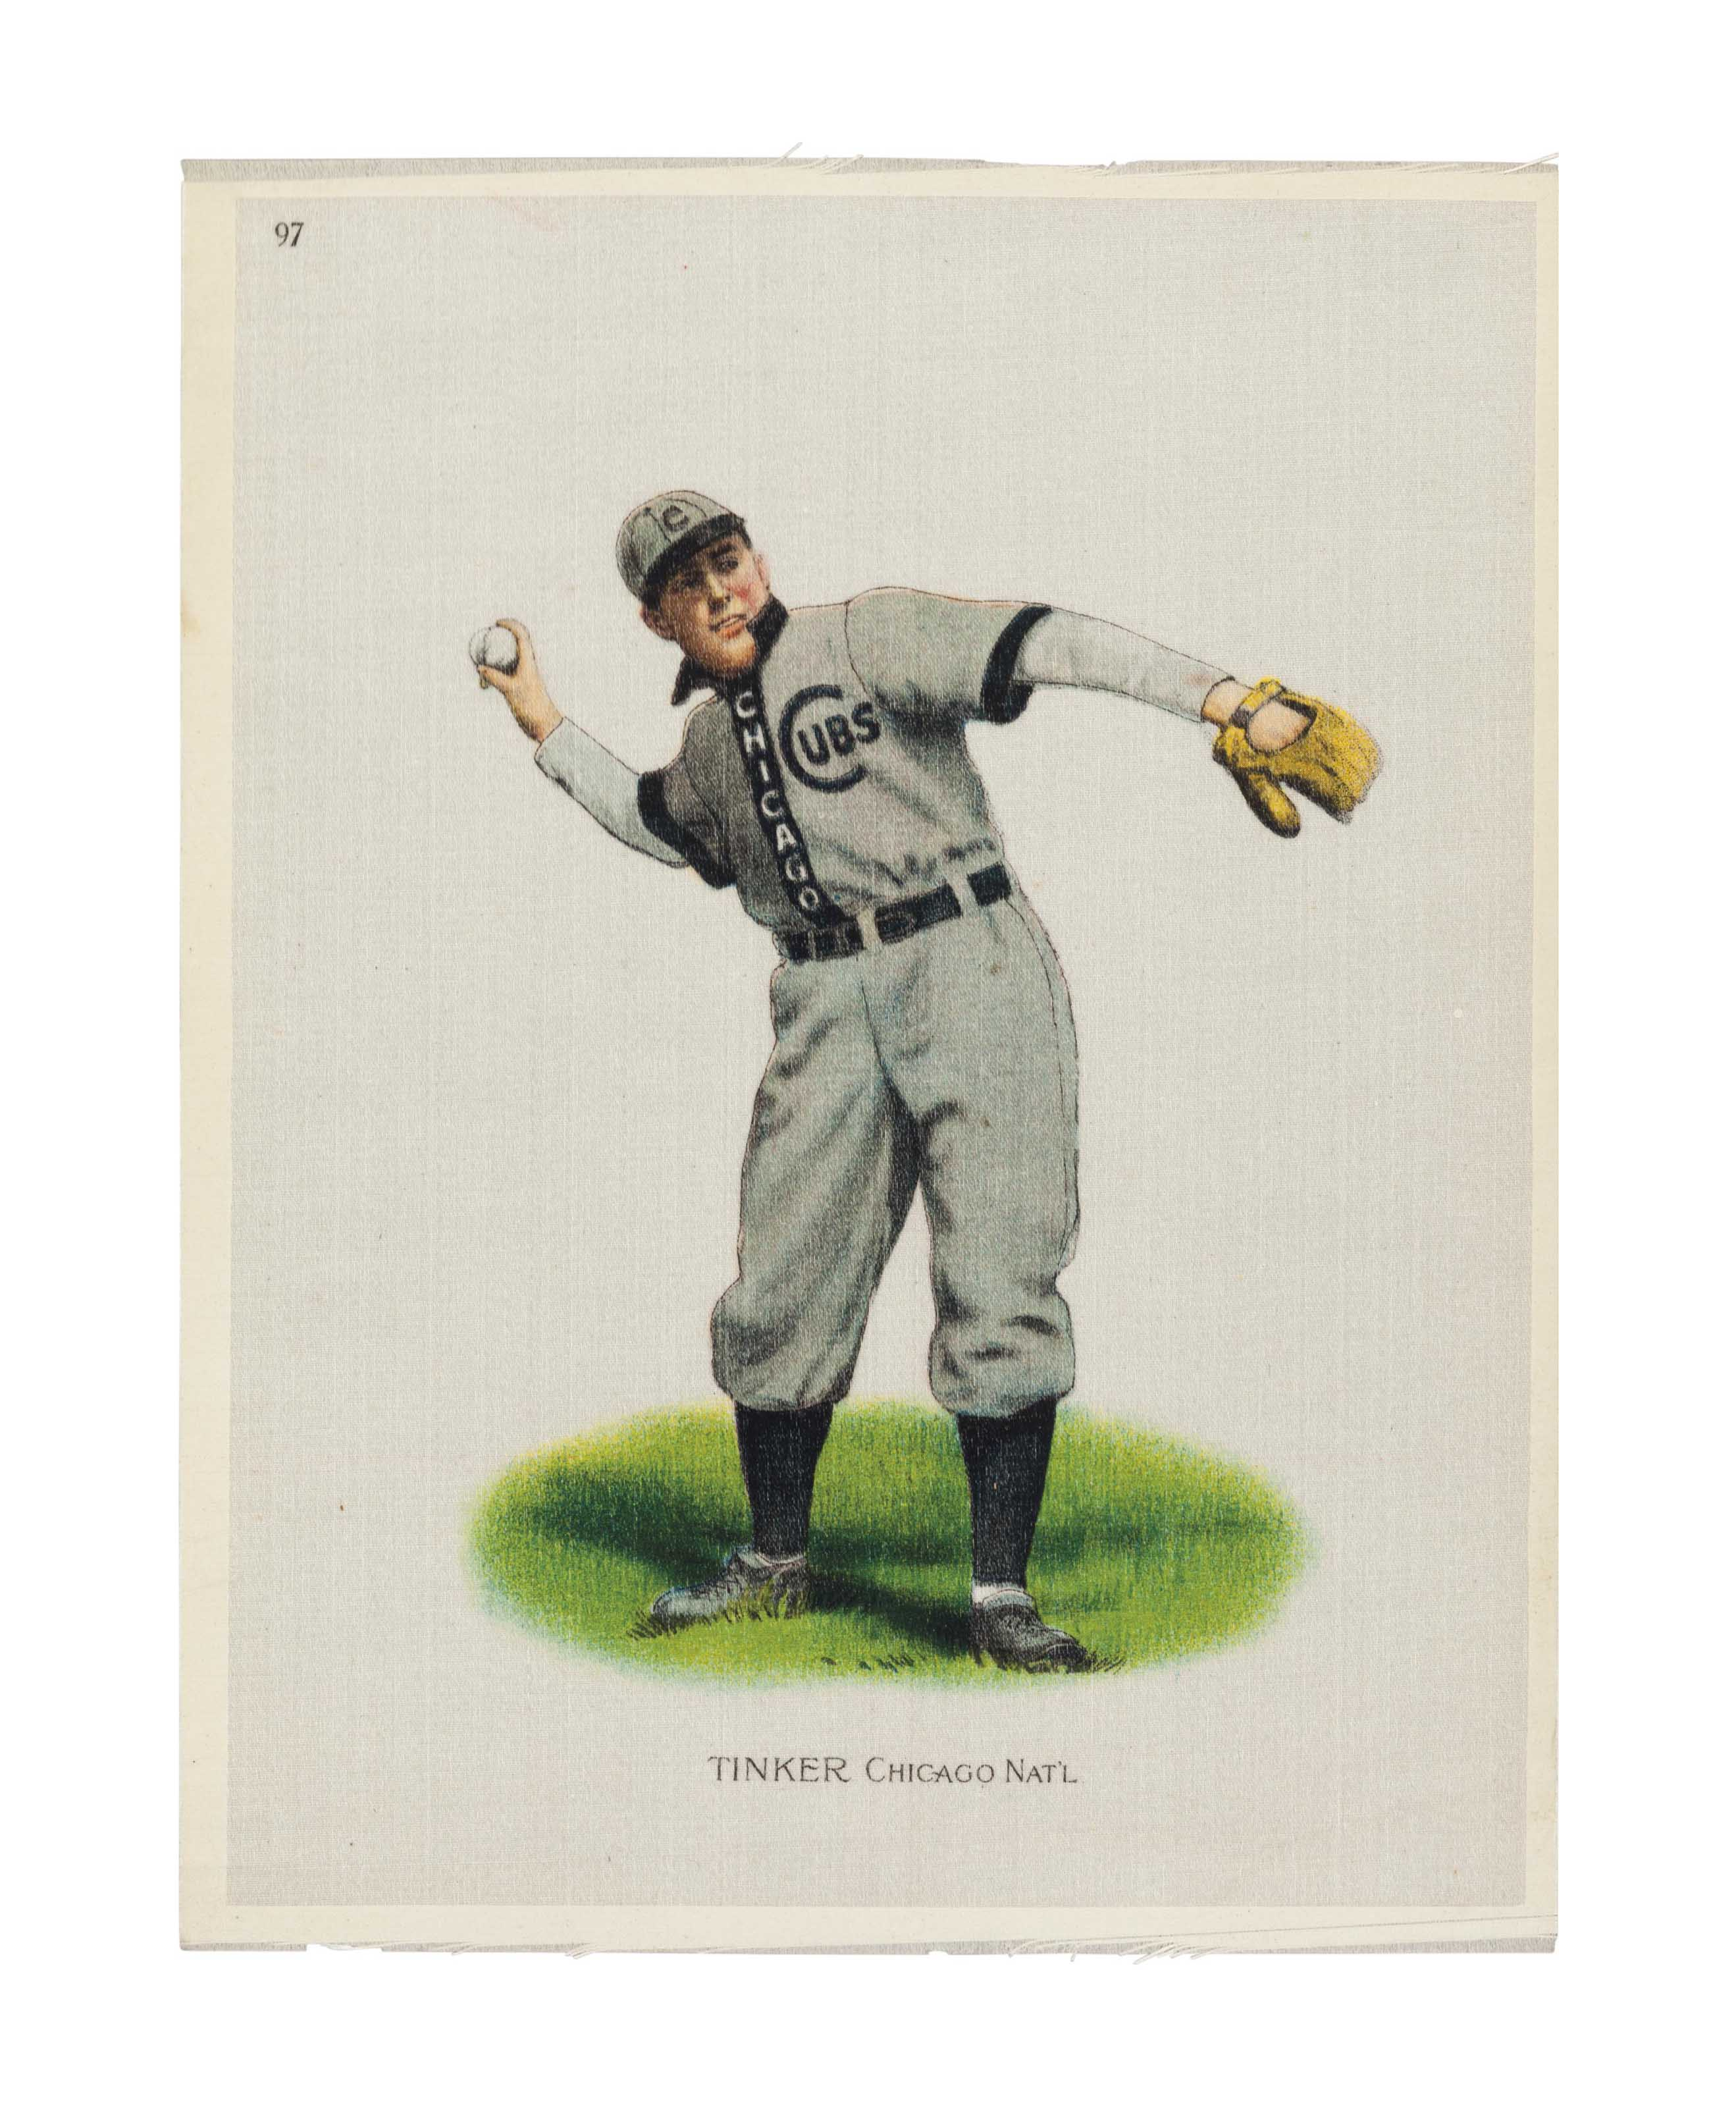 1910 JOE TINKER SILK TOBACCO P